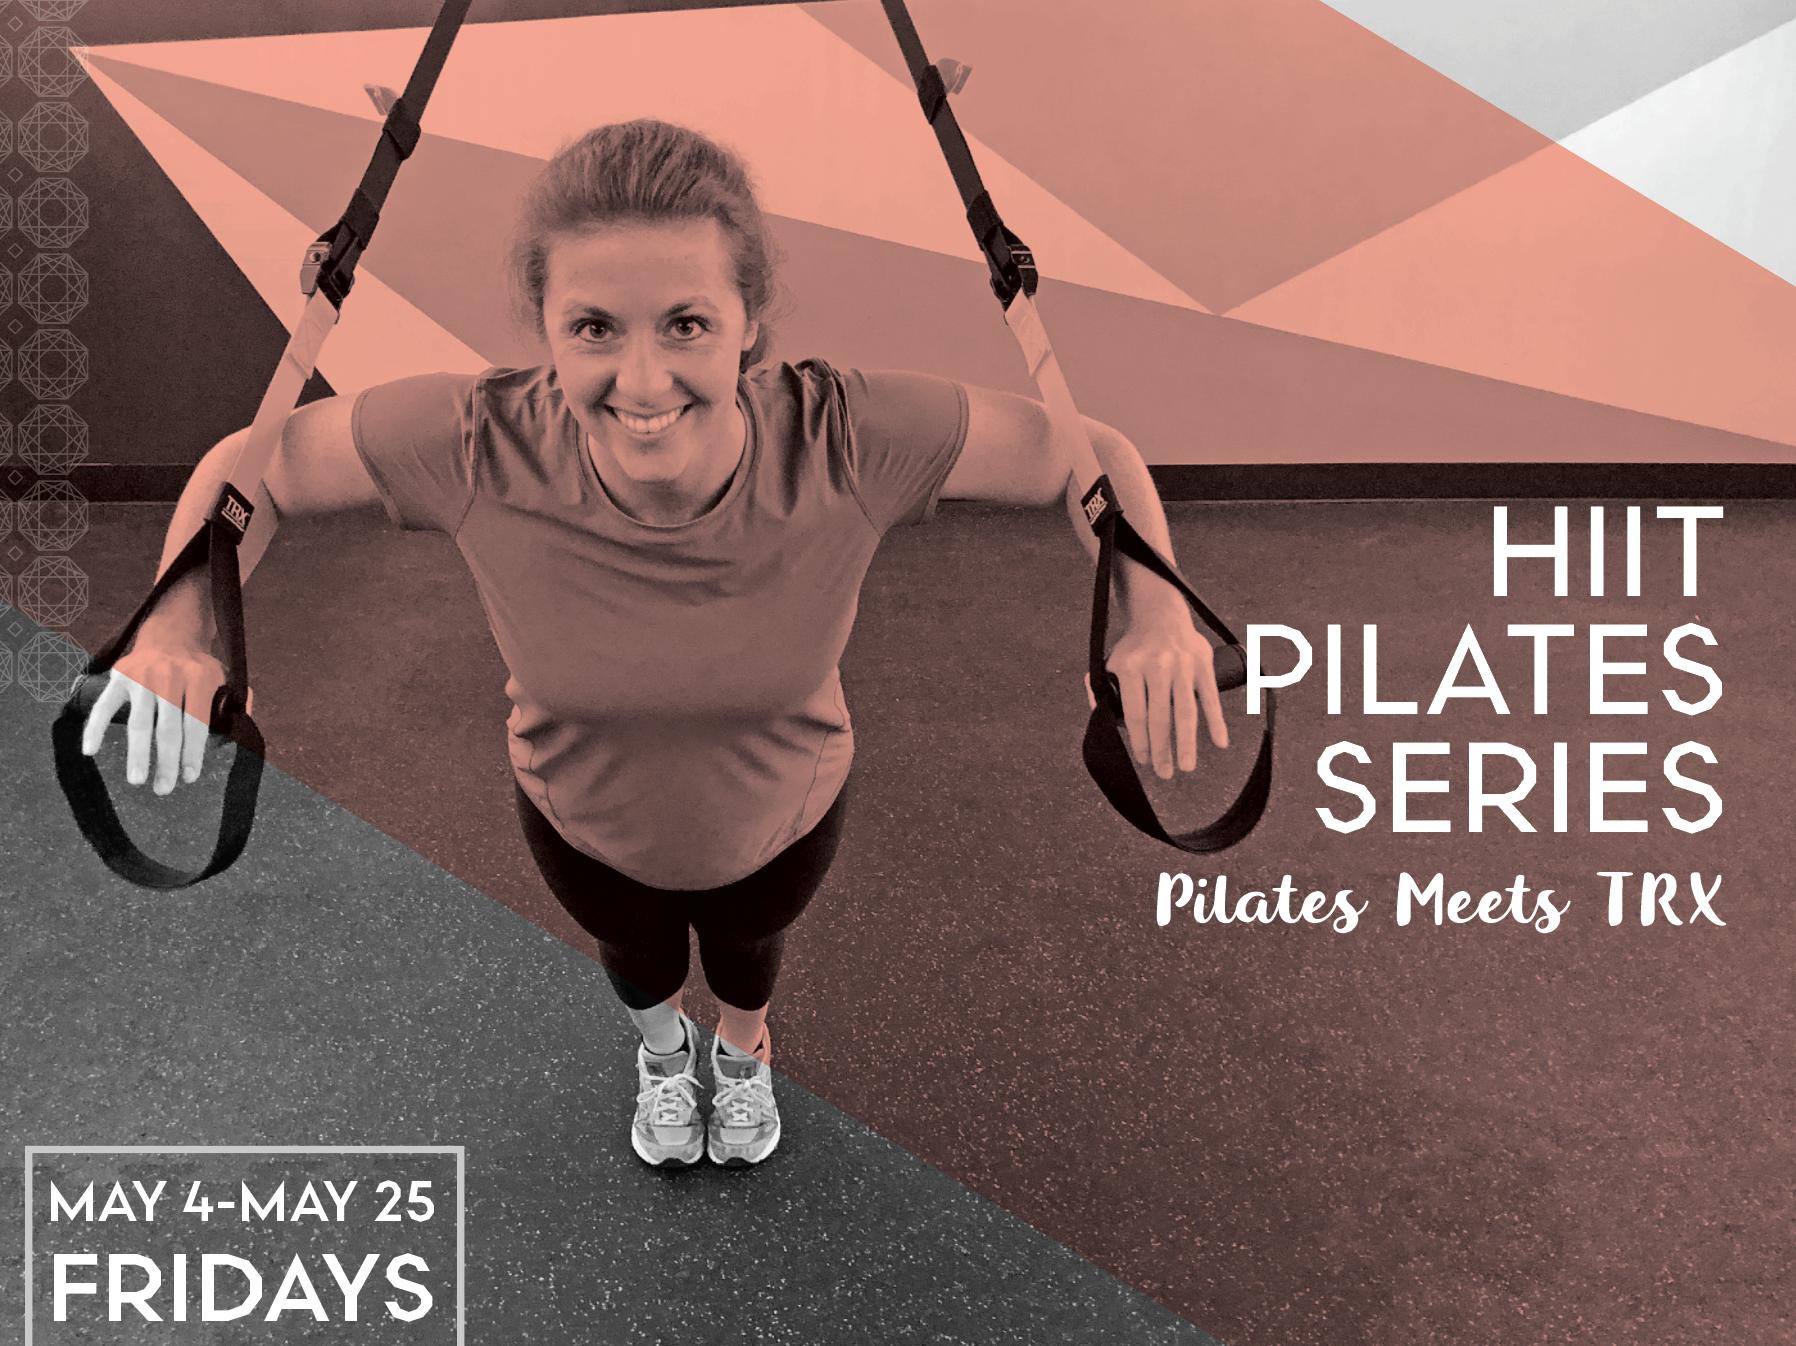 HIIT Pilates Series: Pilates Meets TRX